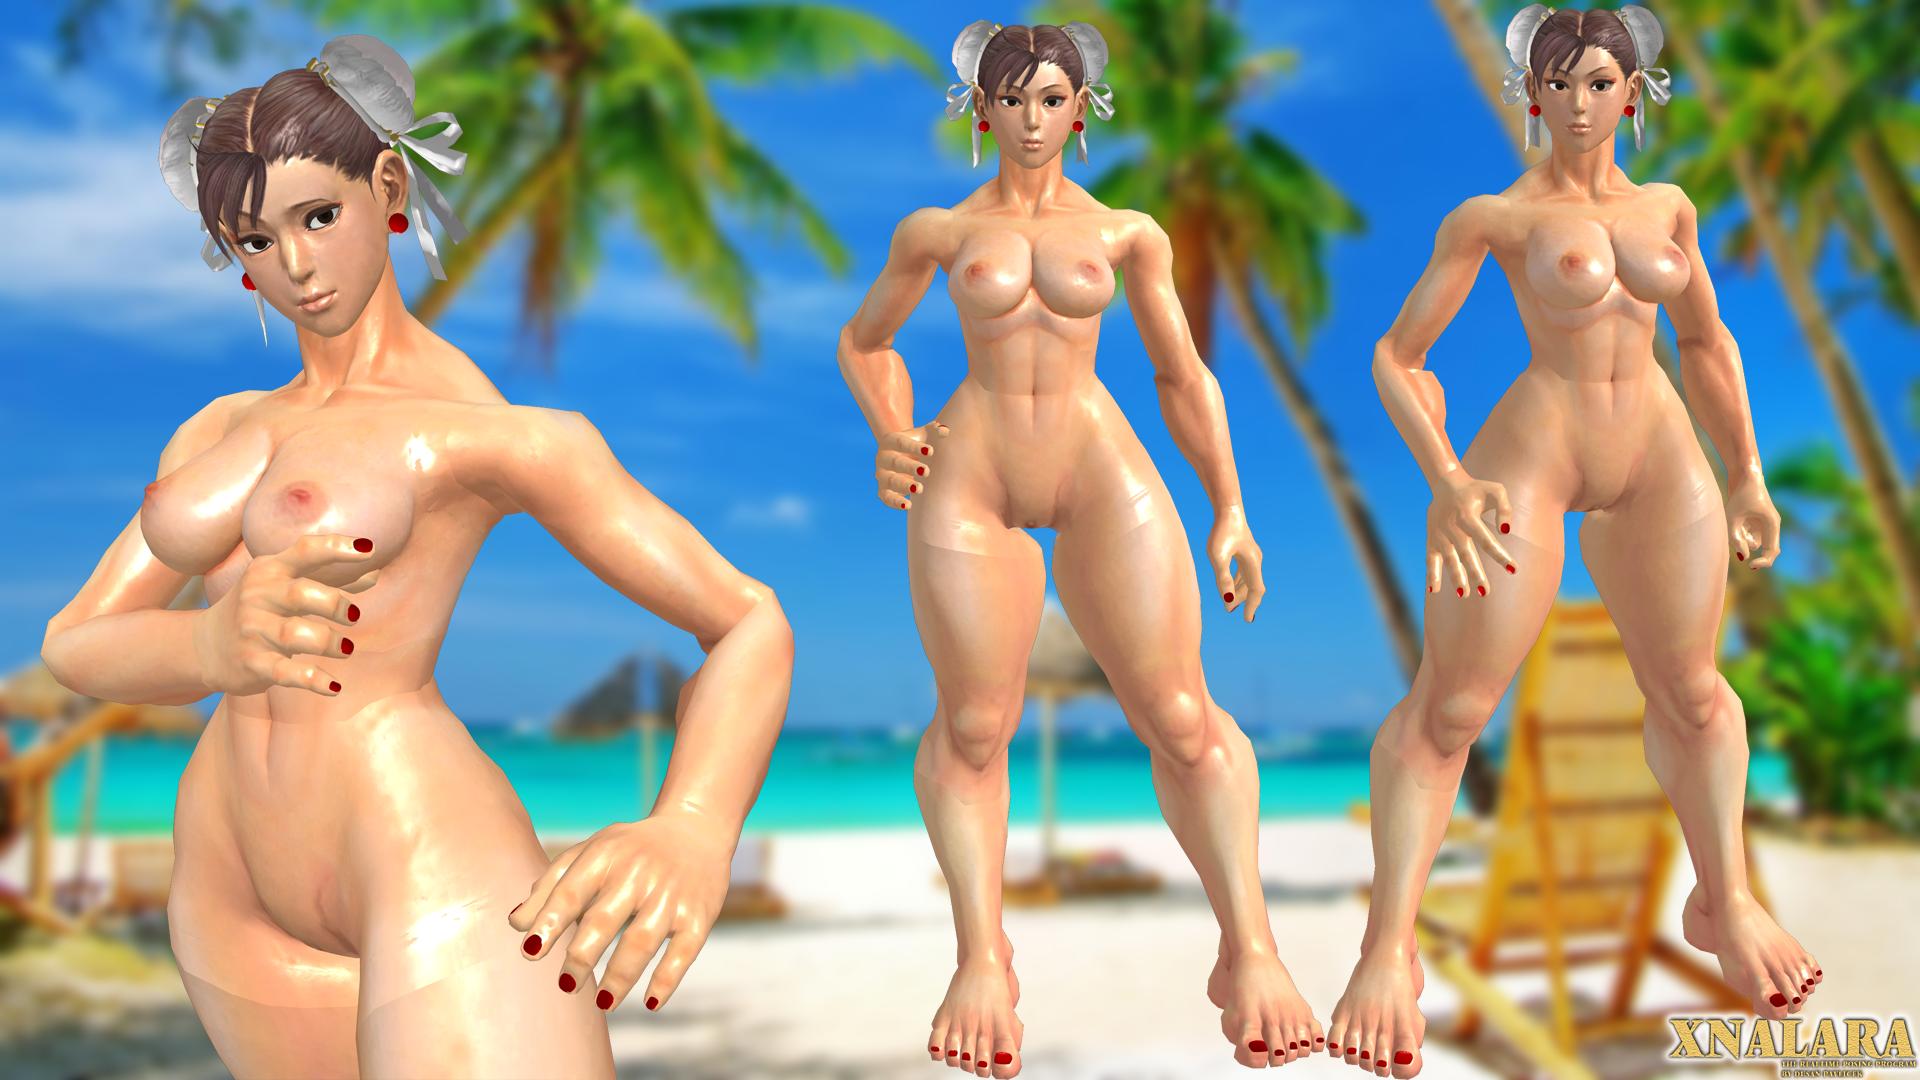 Nude chun li pics sexy gallery